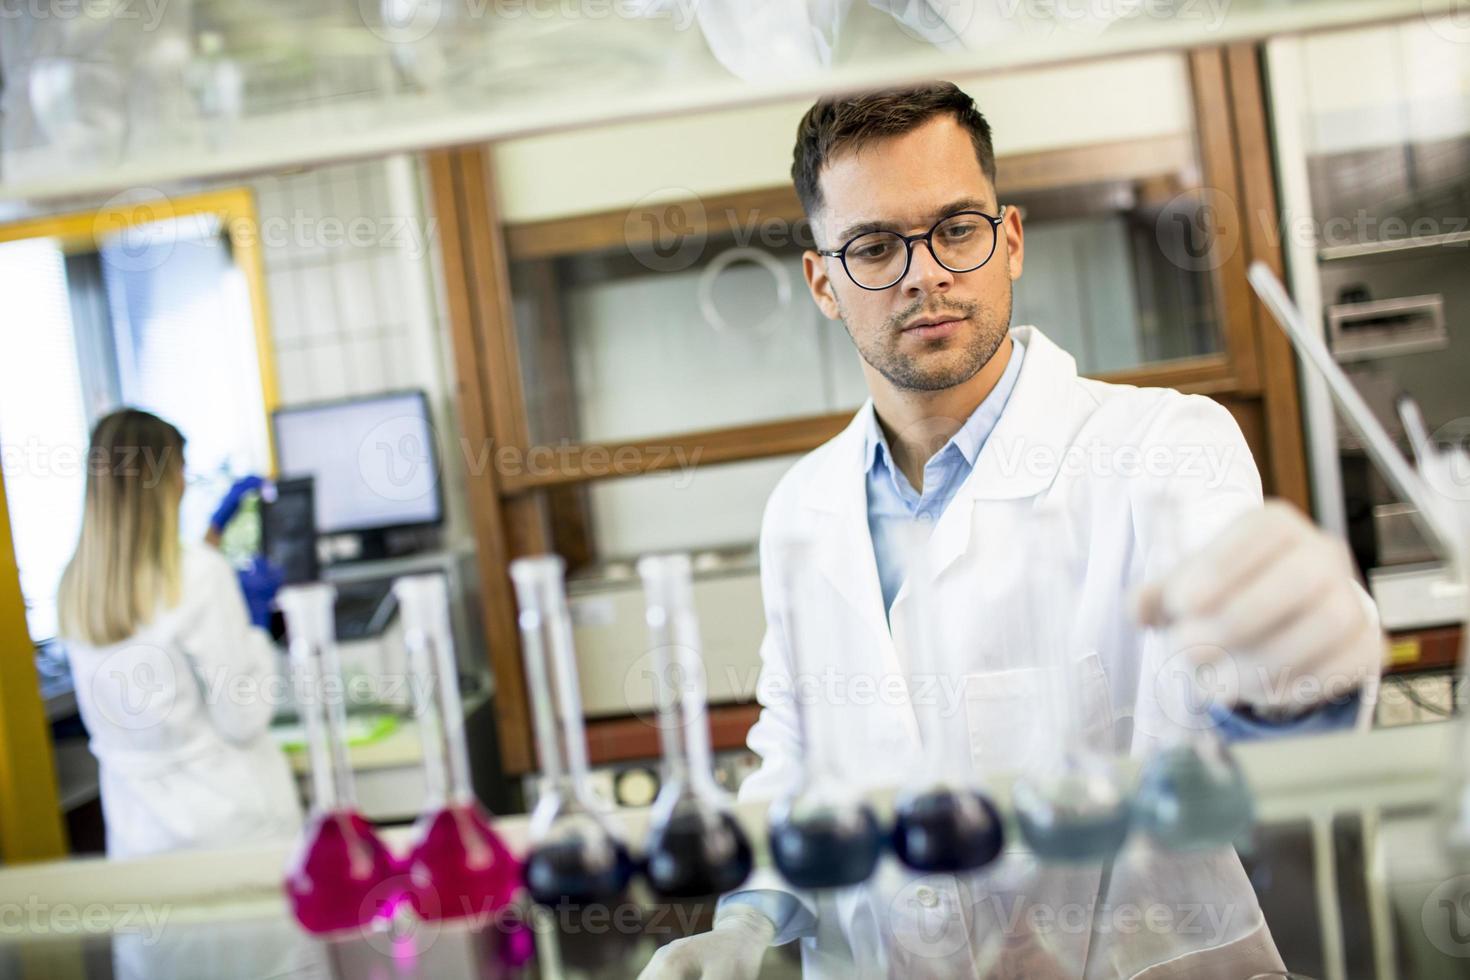 junger Forscher prüft Reagenzgläser foto